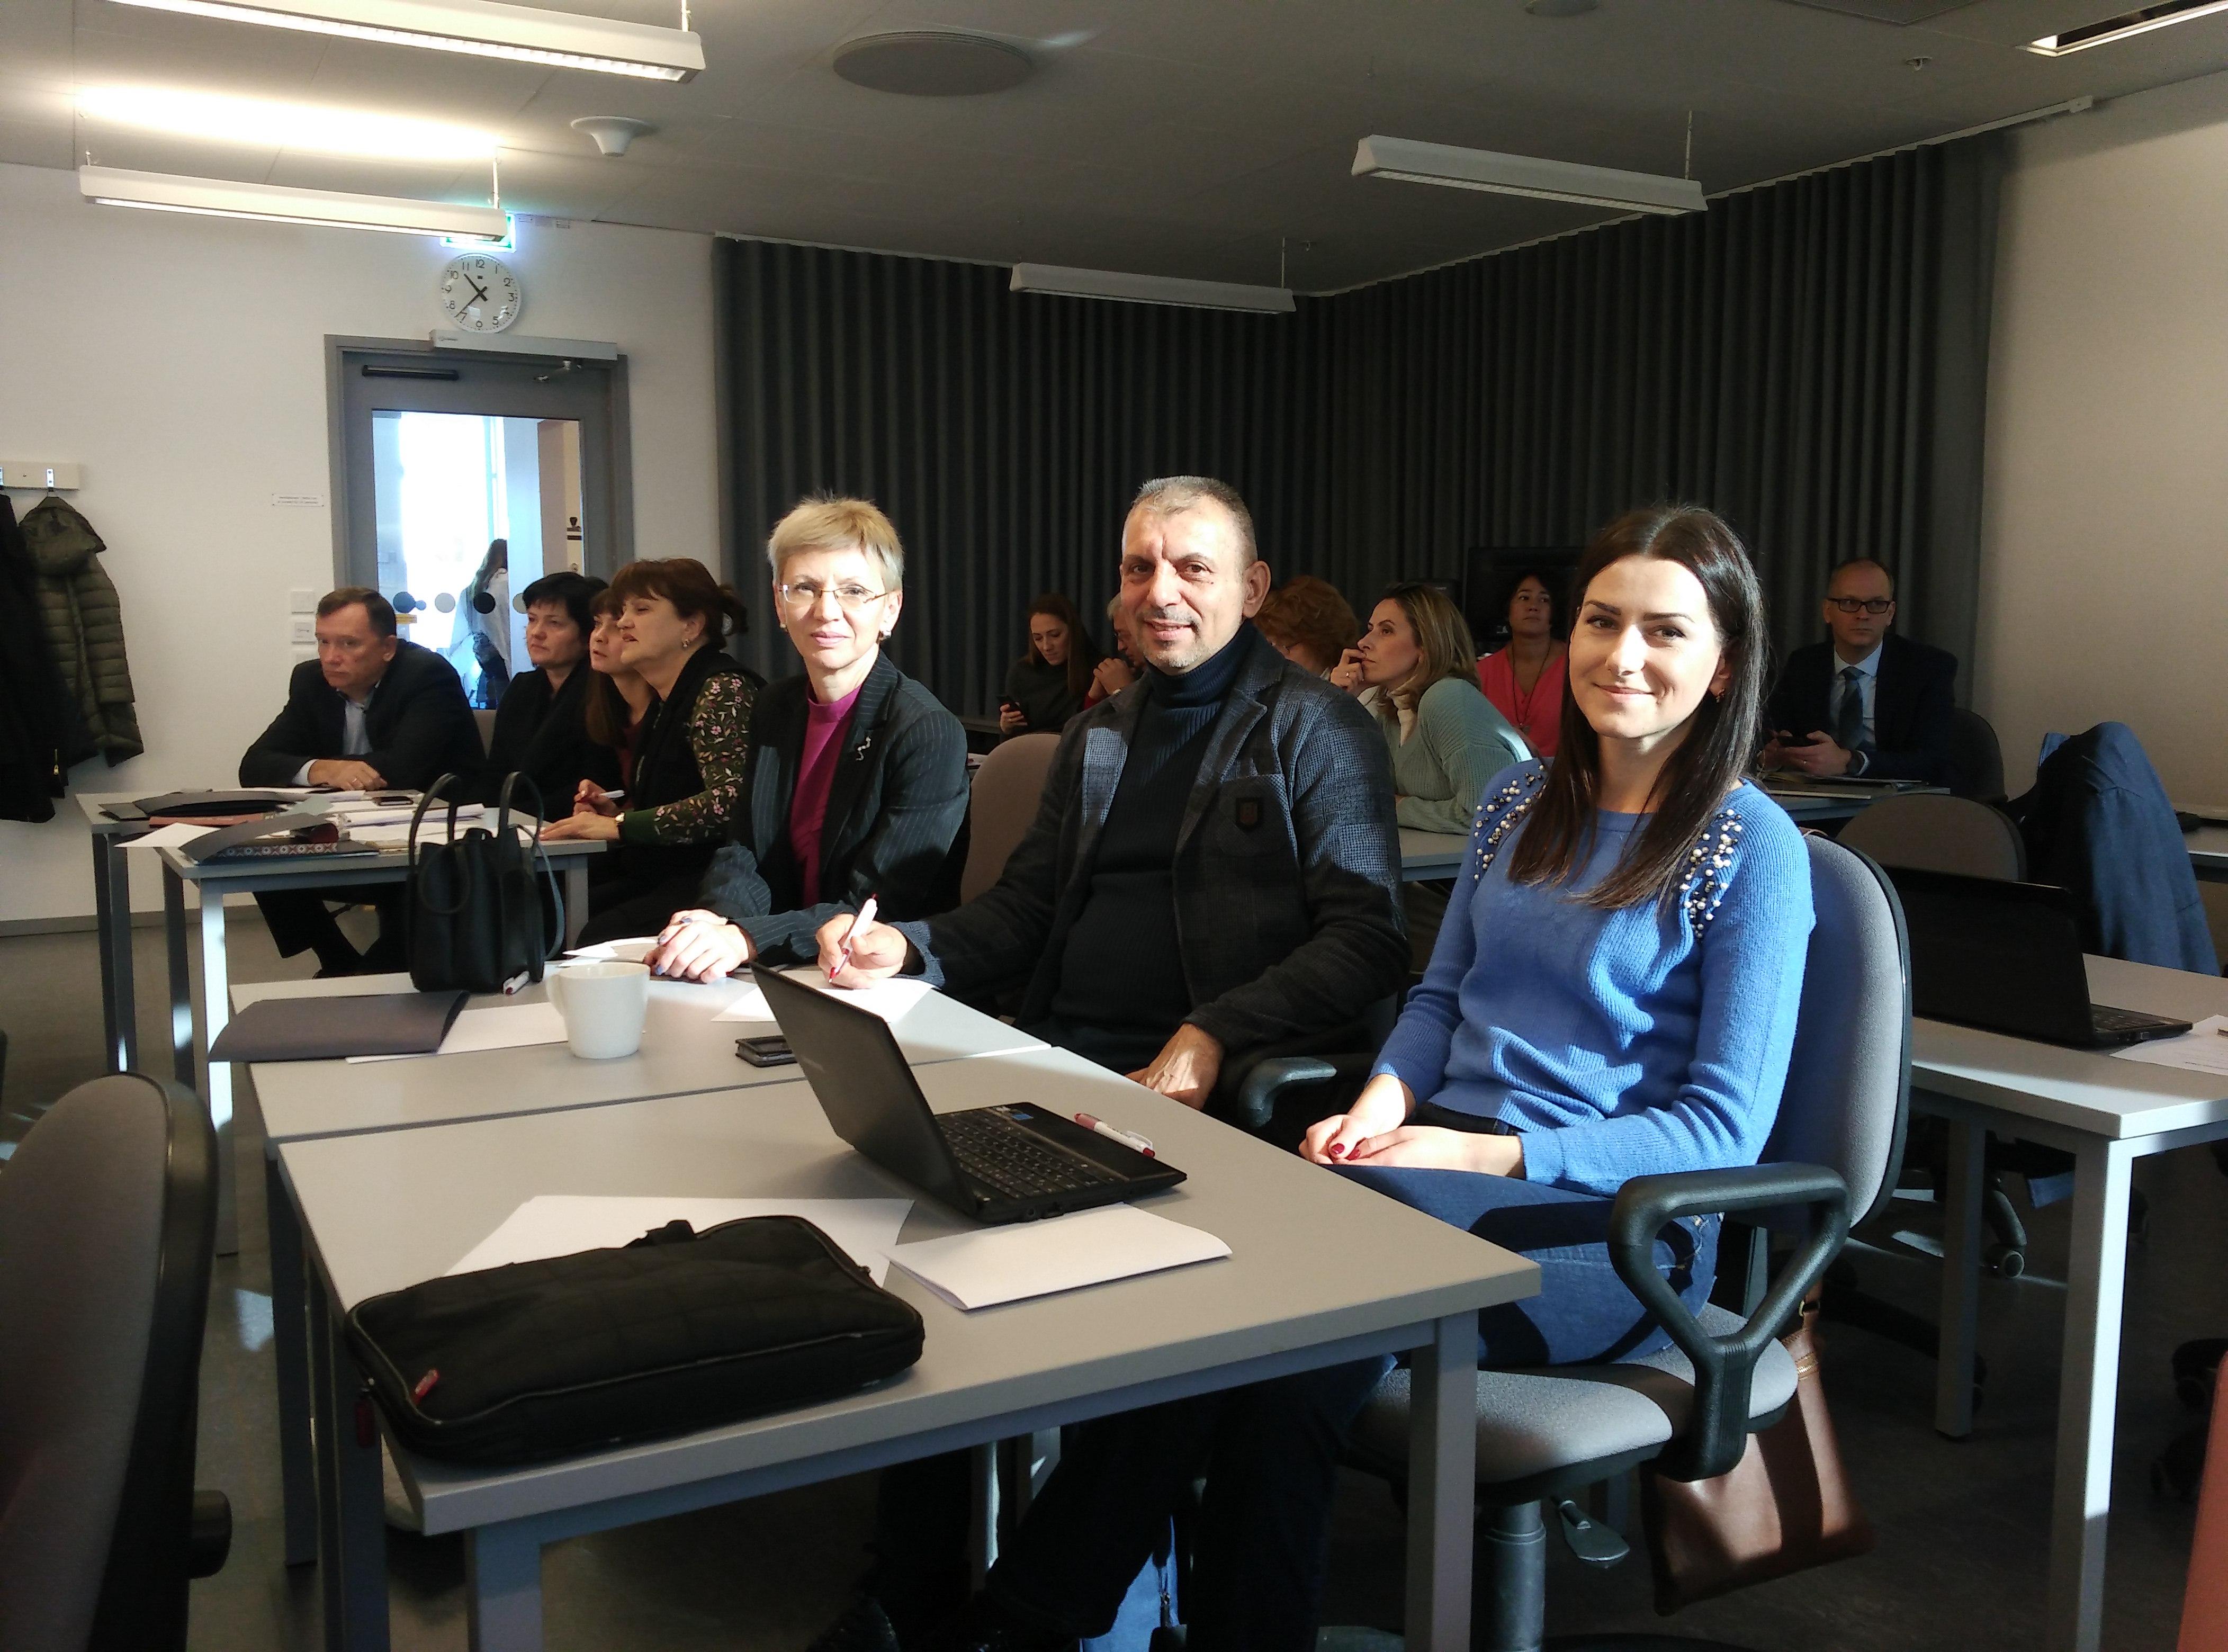 Як навчають медійників у Швеції, – дізнавалися викладачі кафедри журналістики